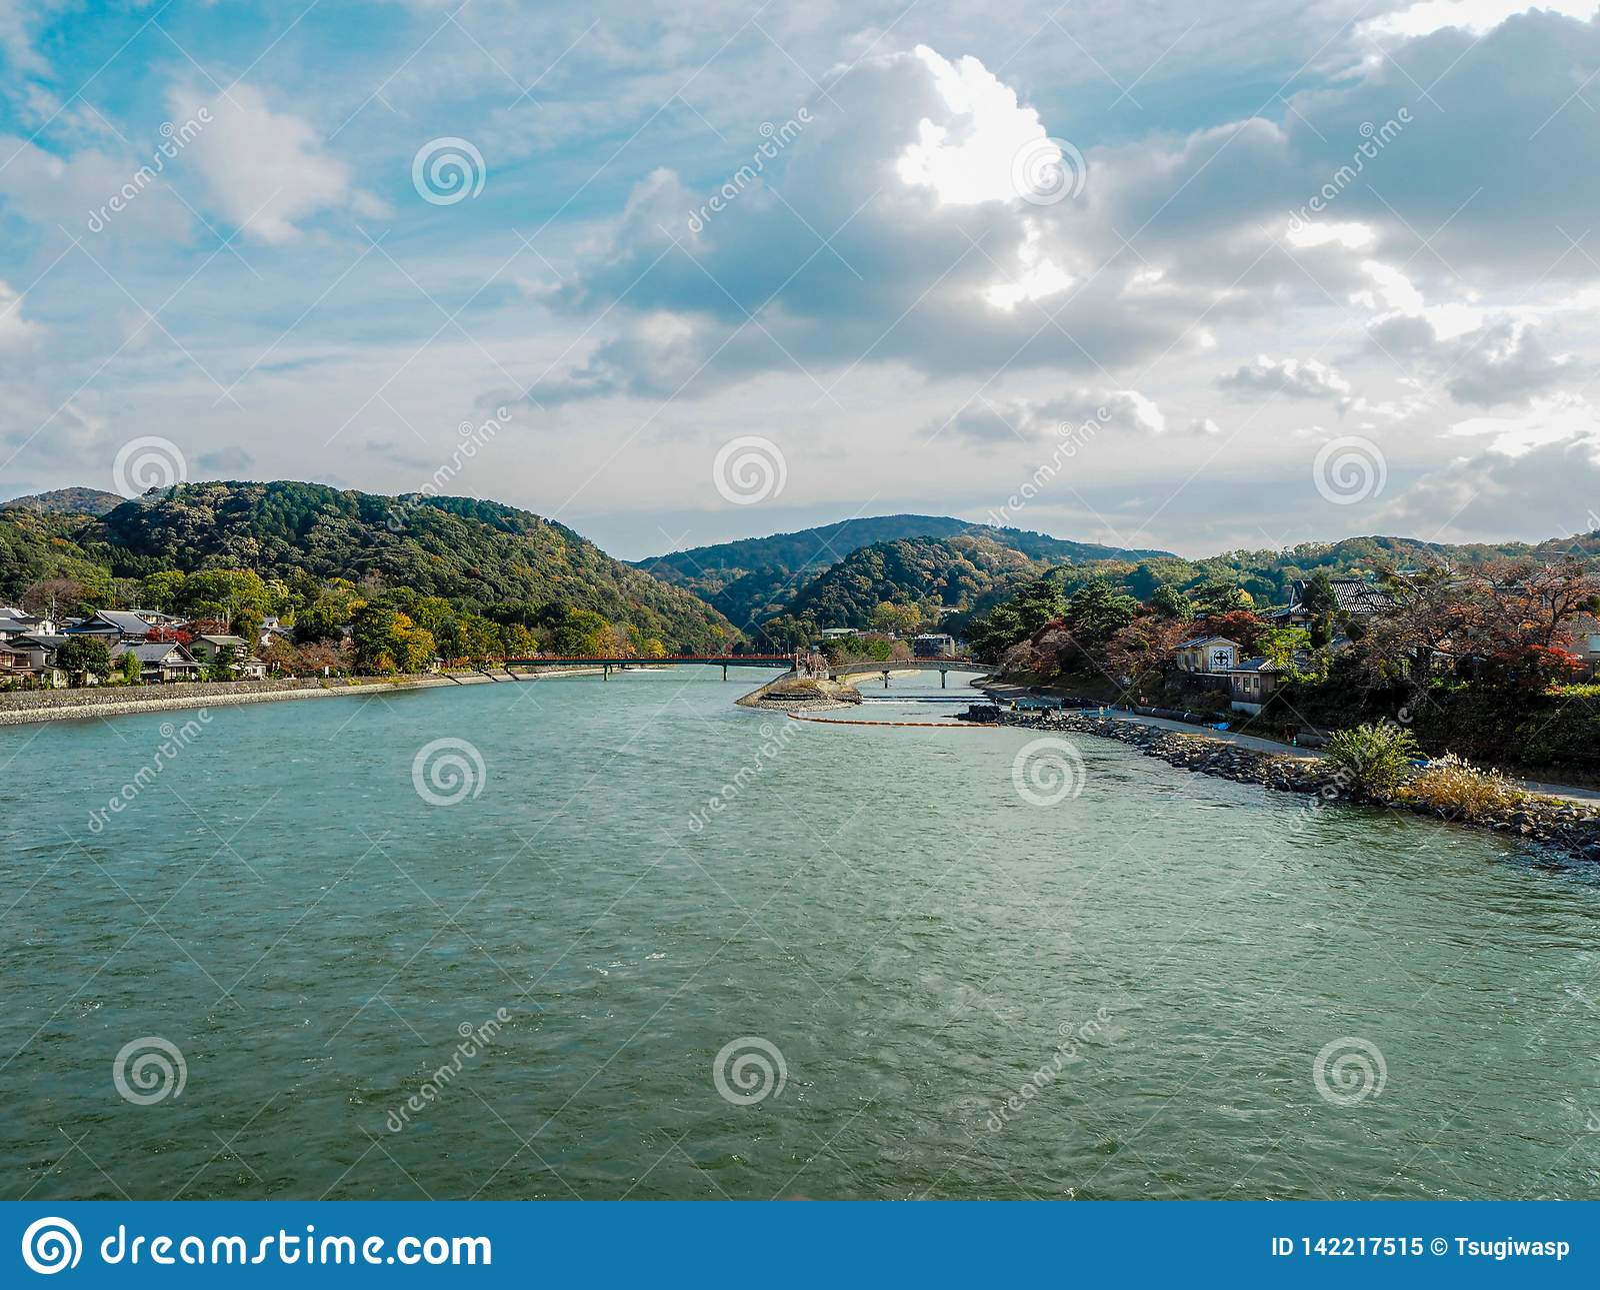 Ο ποταμός στη μέση μιας μικρής πόλης με τα βουνά και το νεφελώδες υπόβαθρο ουρανού